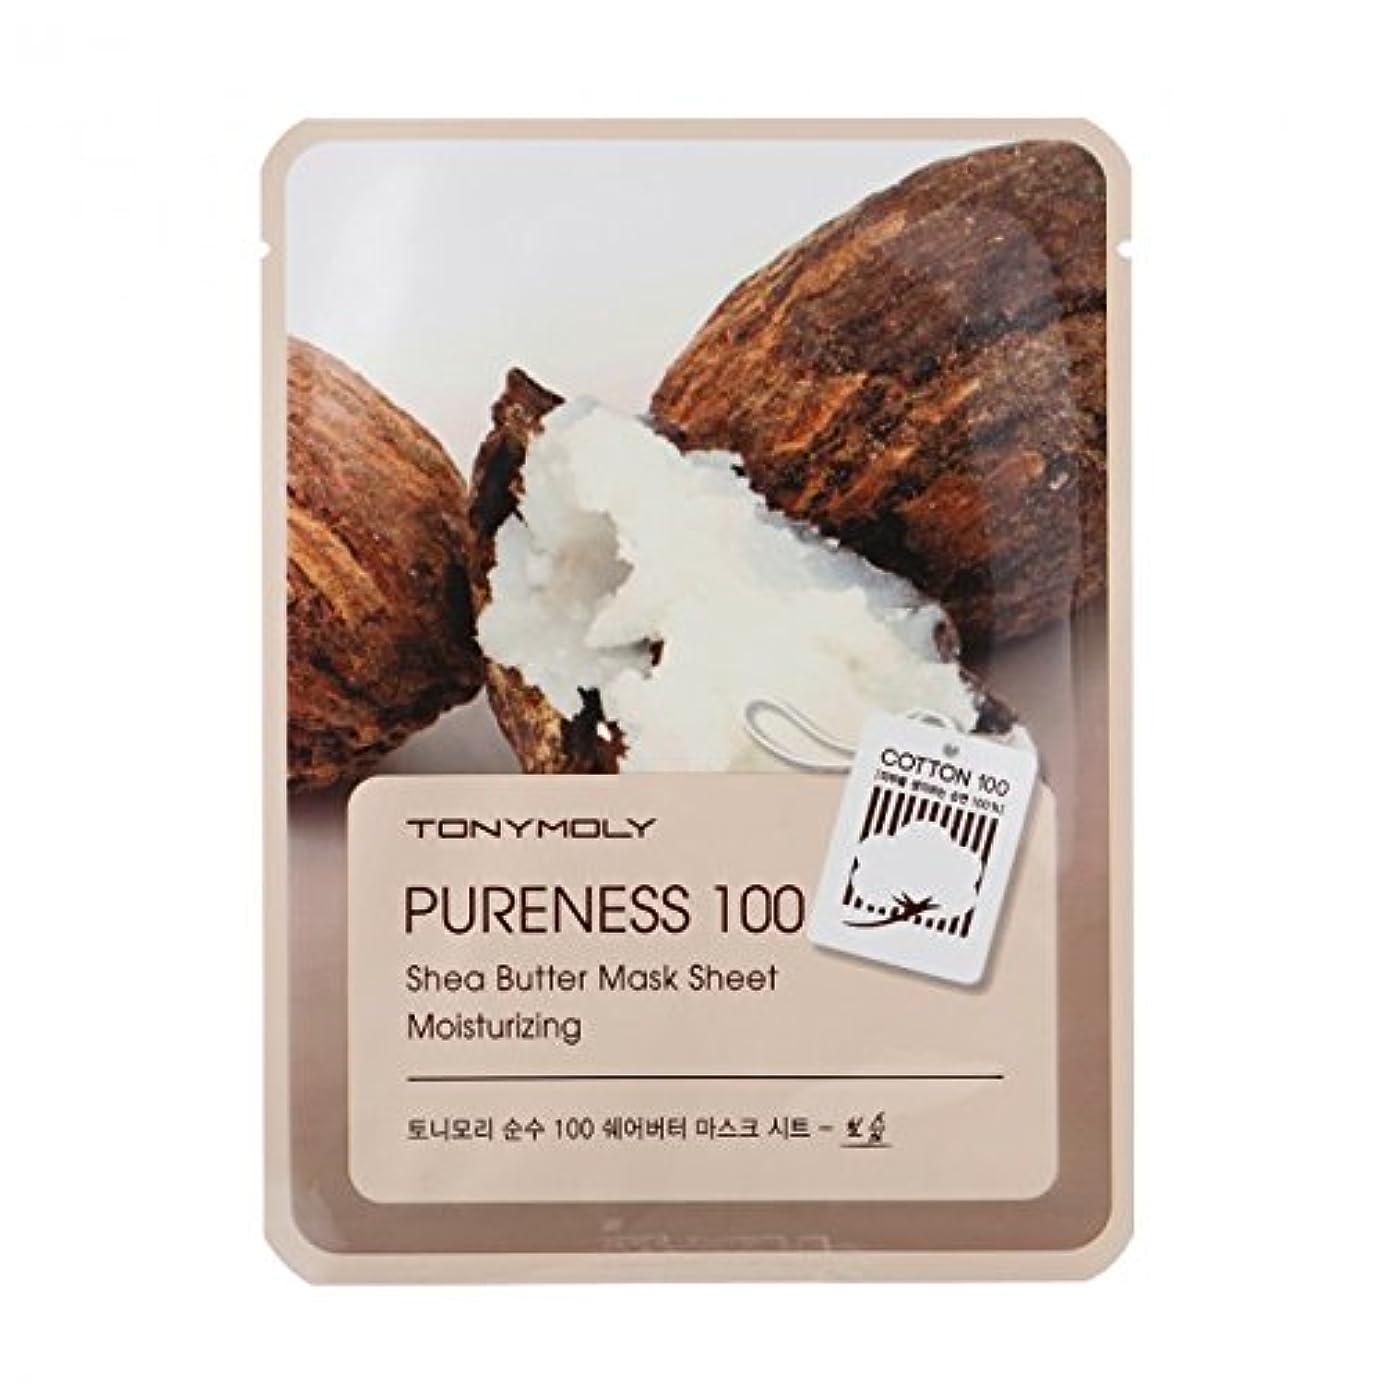 ヘルパー乳クライアント(6 Pack) TONYMOLY Pureness 100 Shea Butter Mask Sheet Moisturizing (並行輸入品)